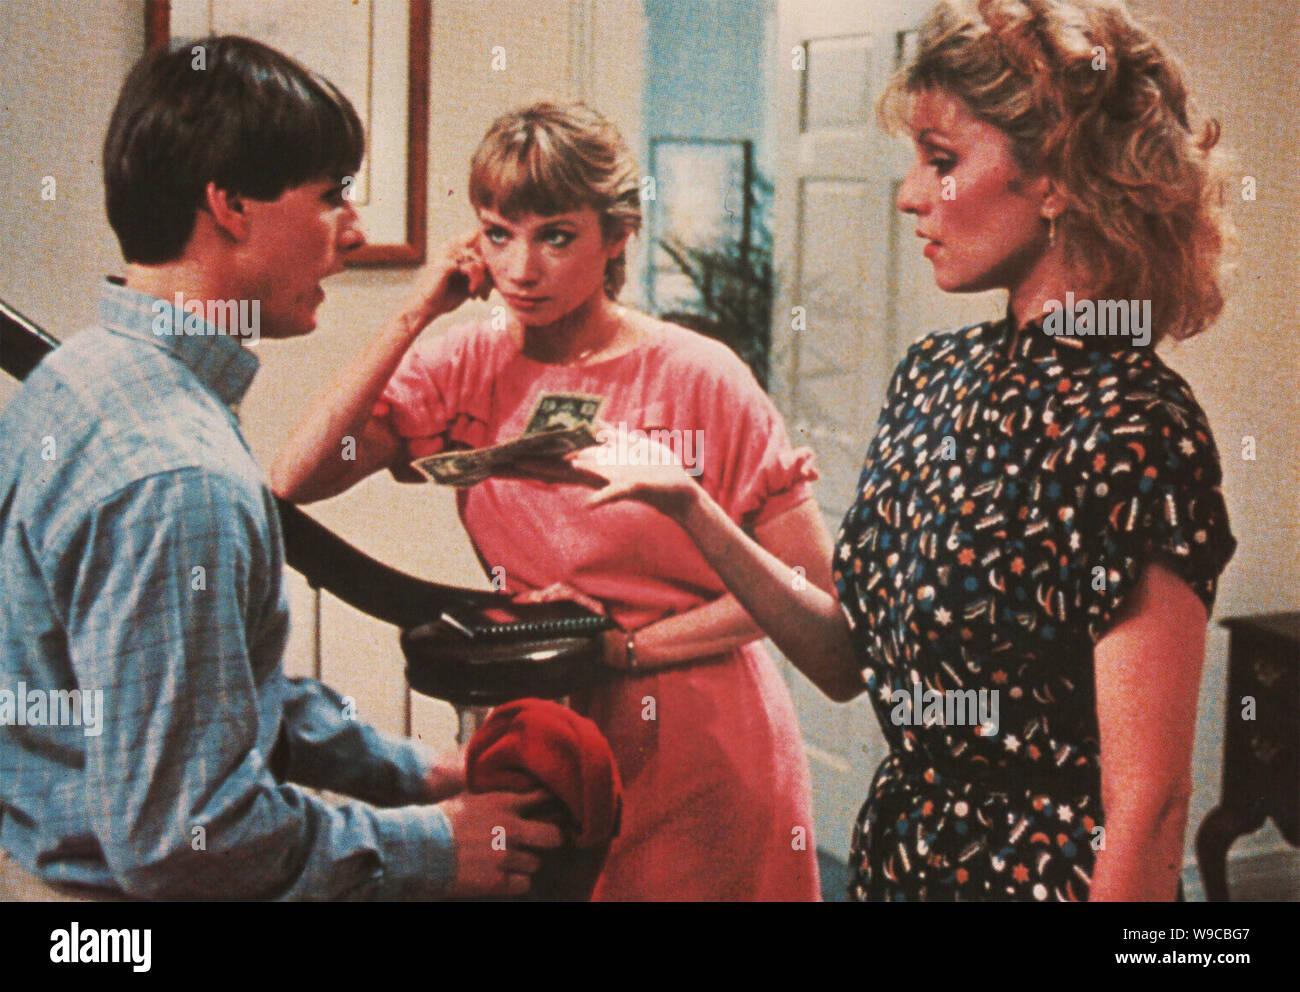 Negocio arriesgado 1983 Geffen Film Company con desde la izquierda: Tom Cruise, Rebecca de Mornay, Shera Danese Foto de stock